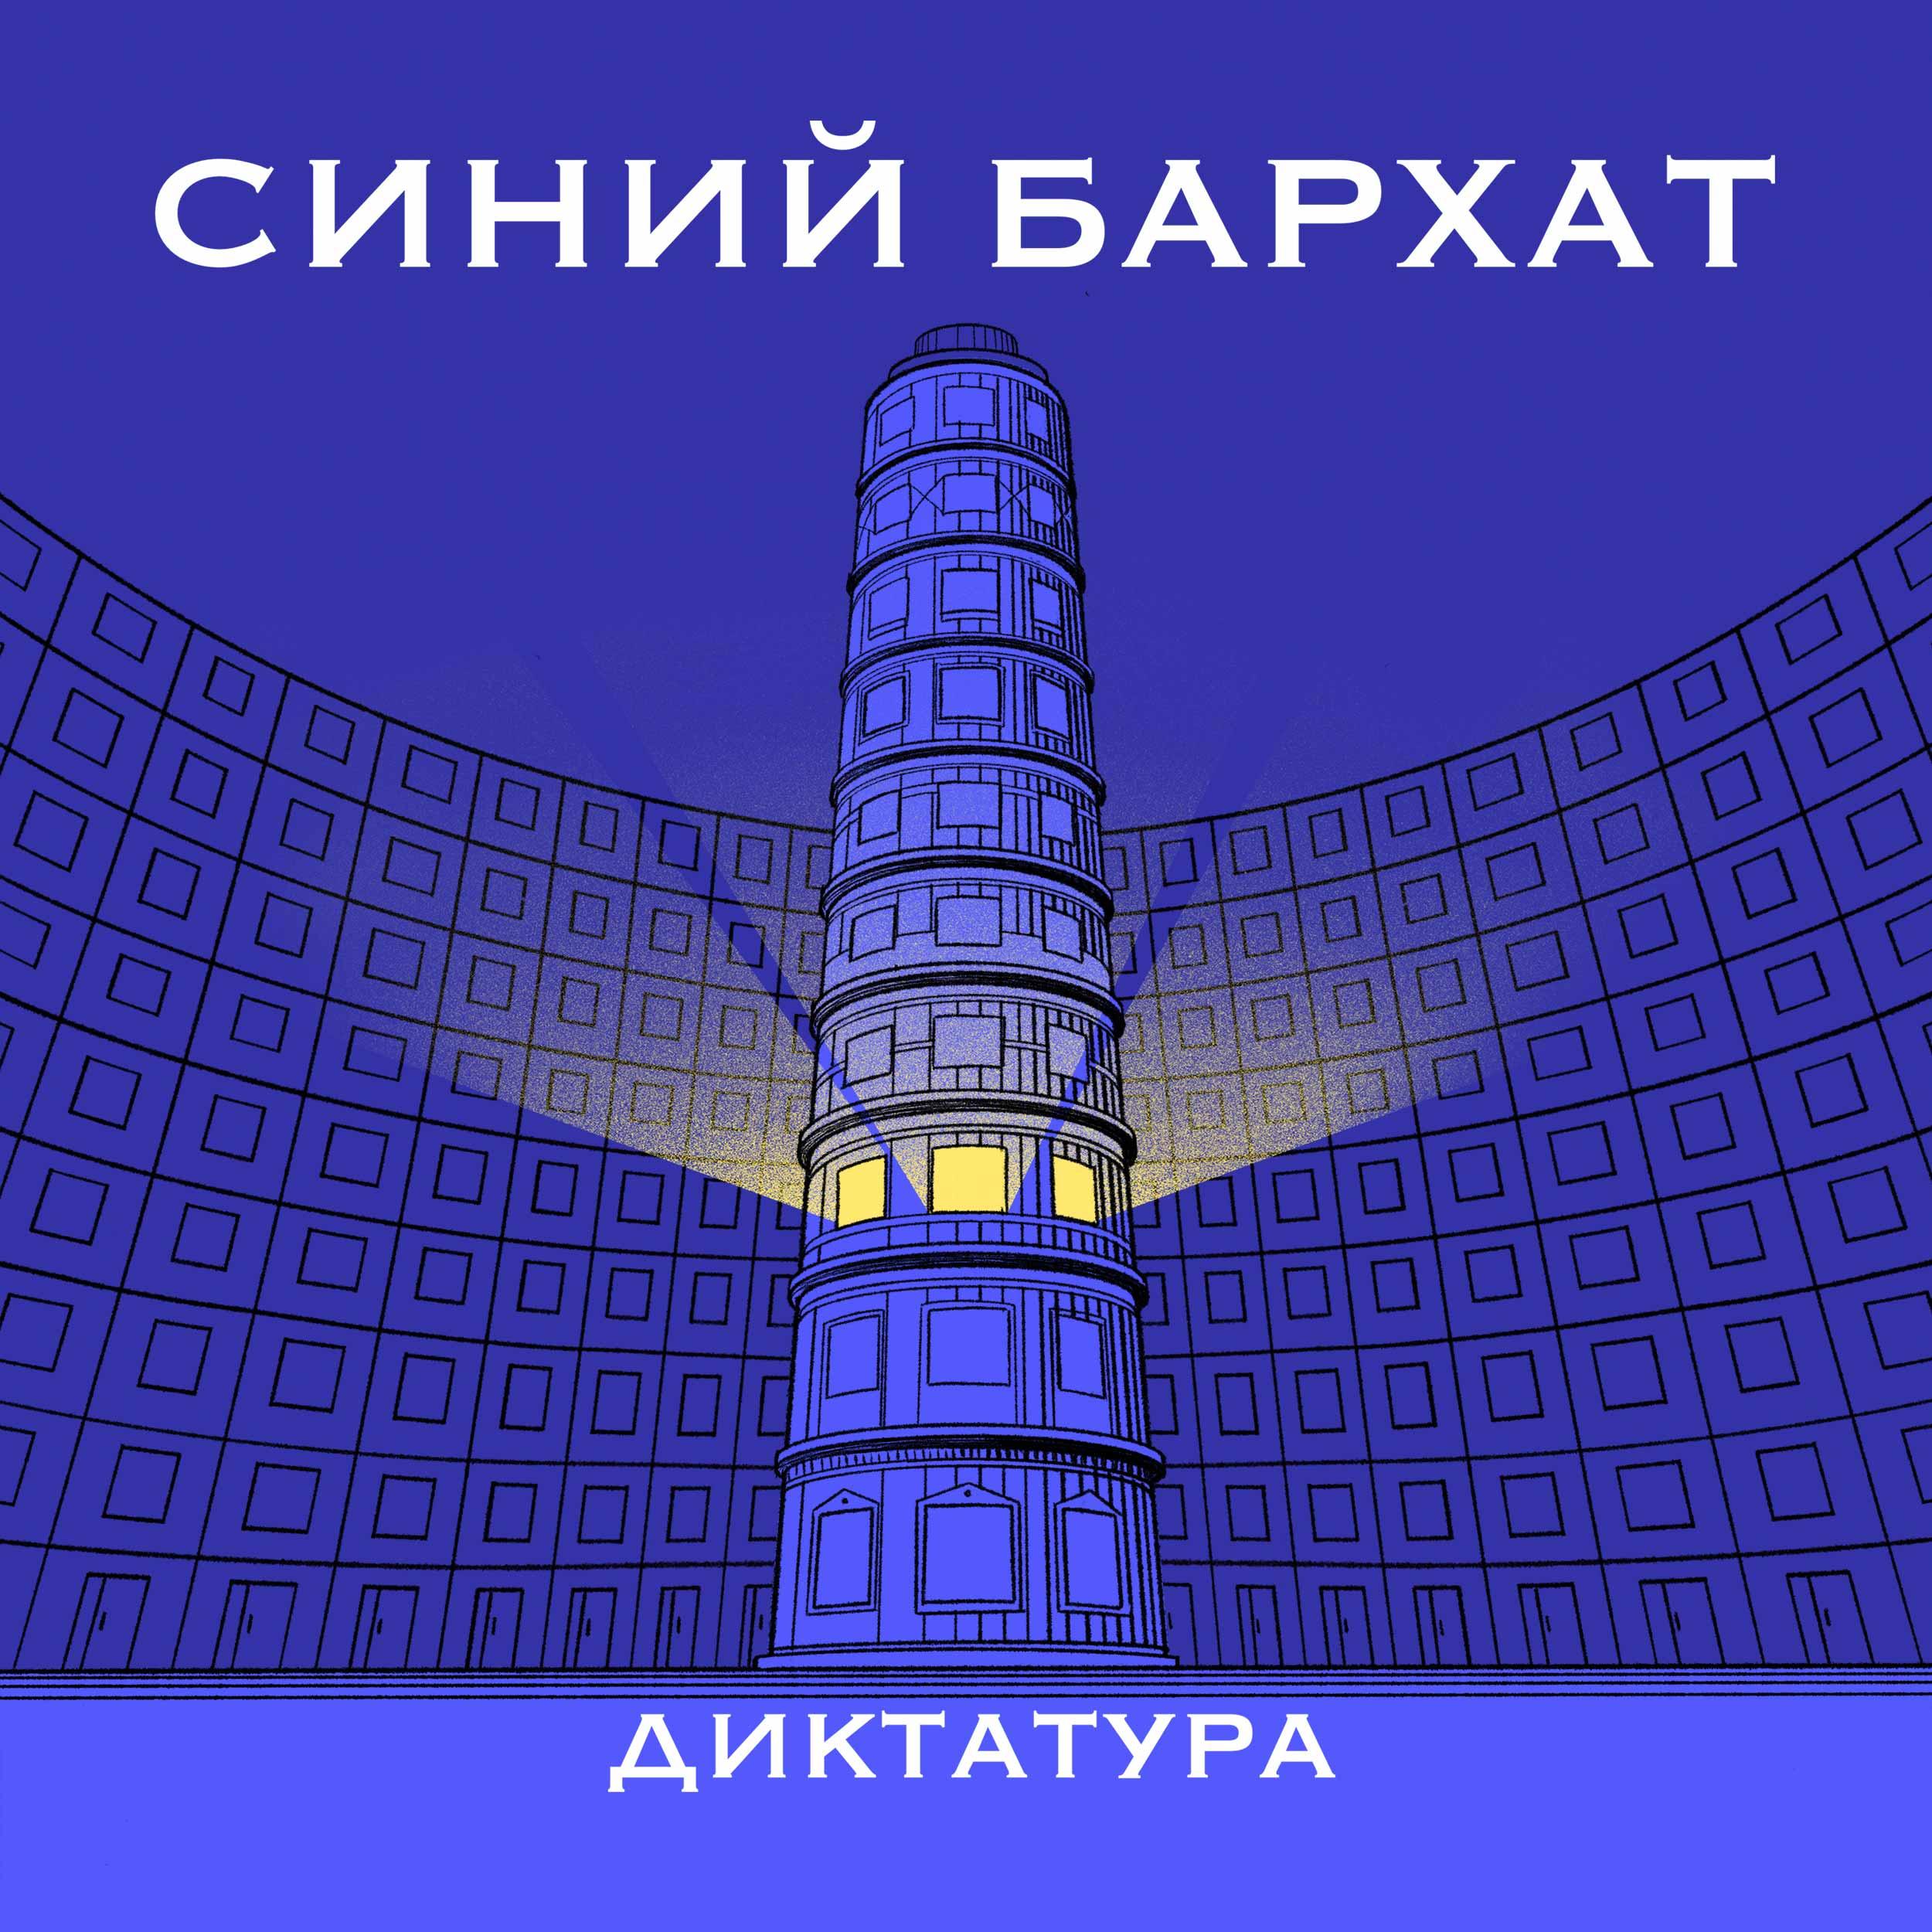 Пропаганда. Как пишут сказку диктатуры. В гостях Юрий Сапрыкин